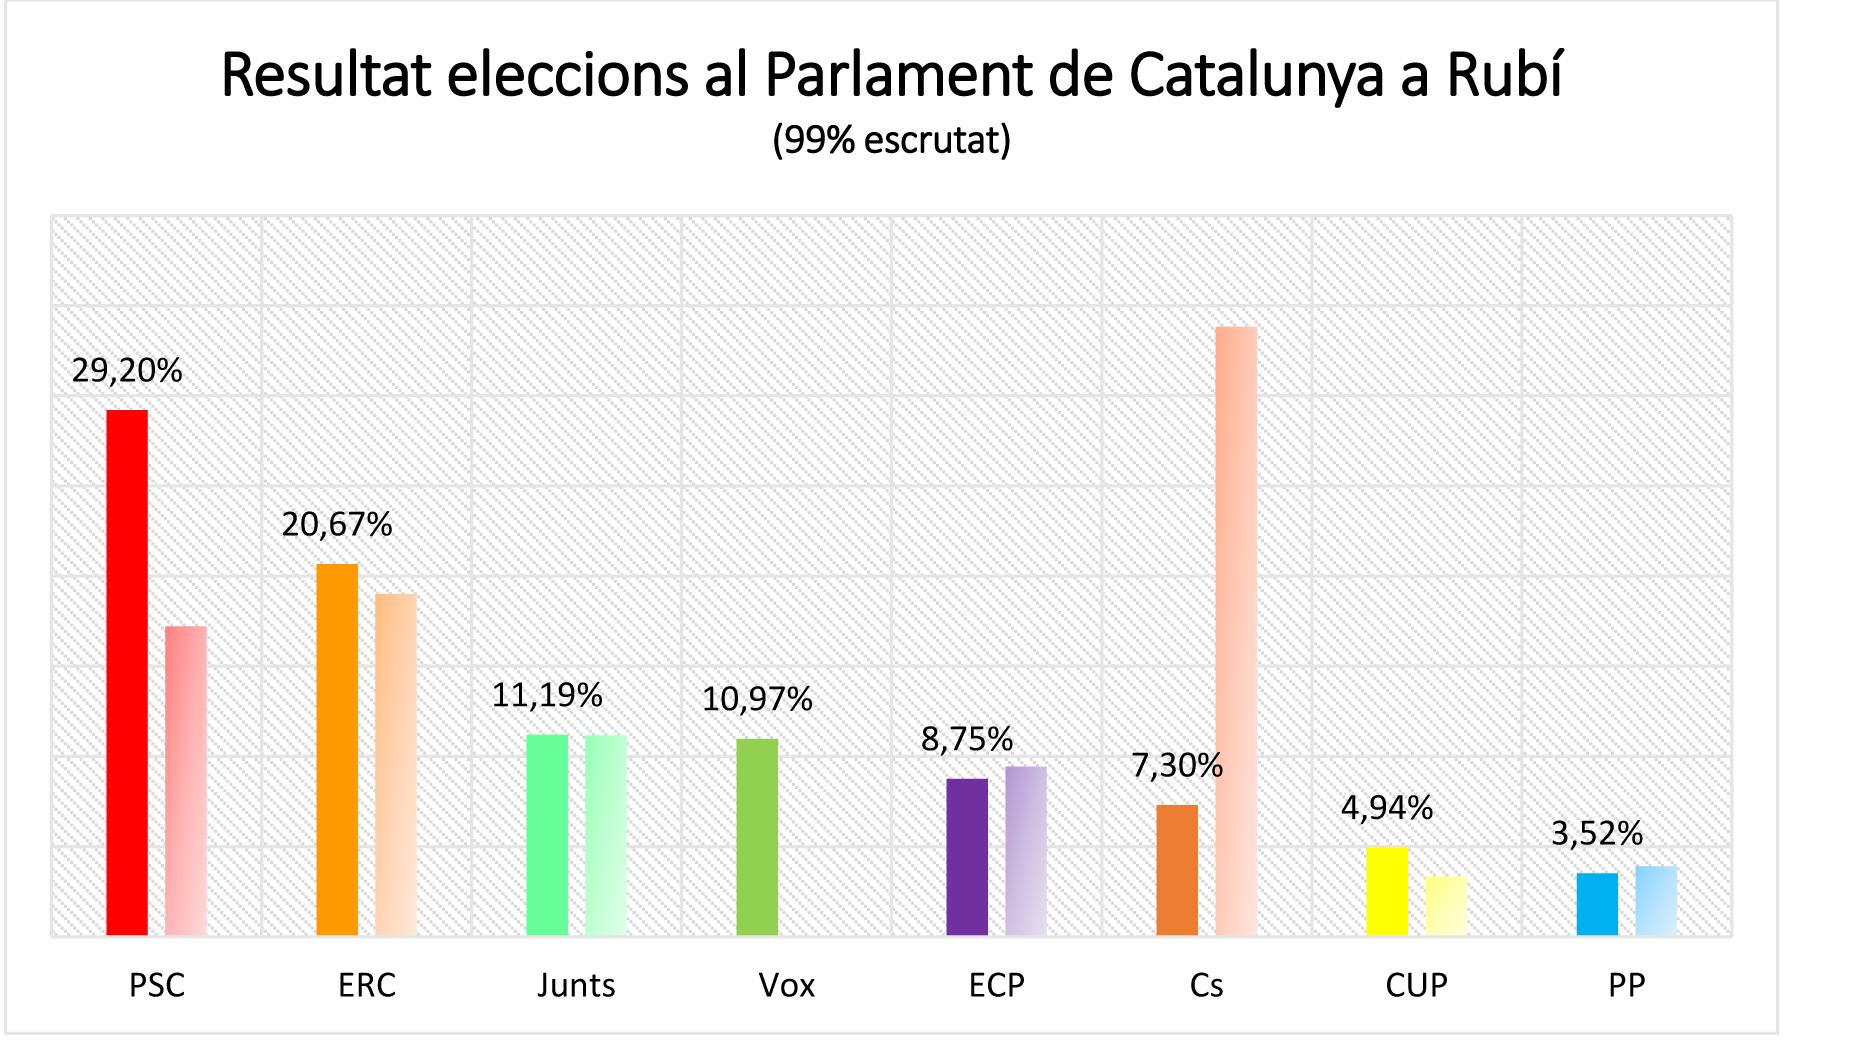 parlament de catalunya, eleccions, rubí